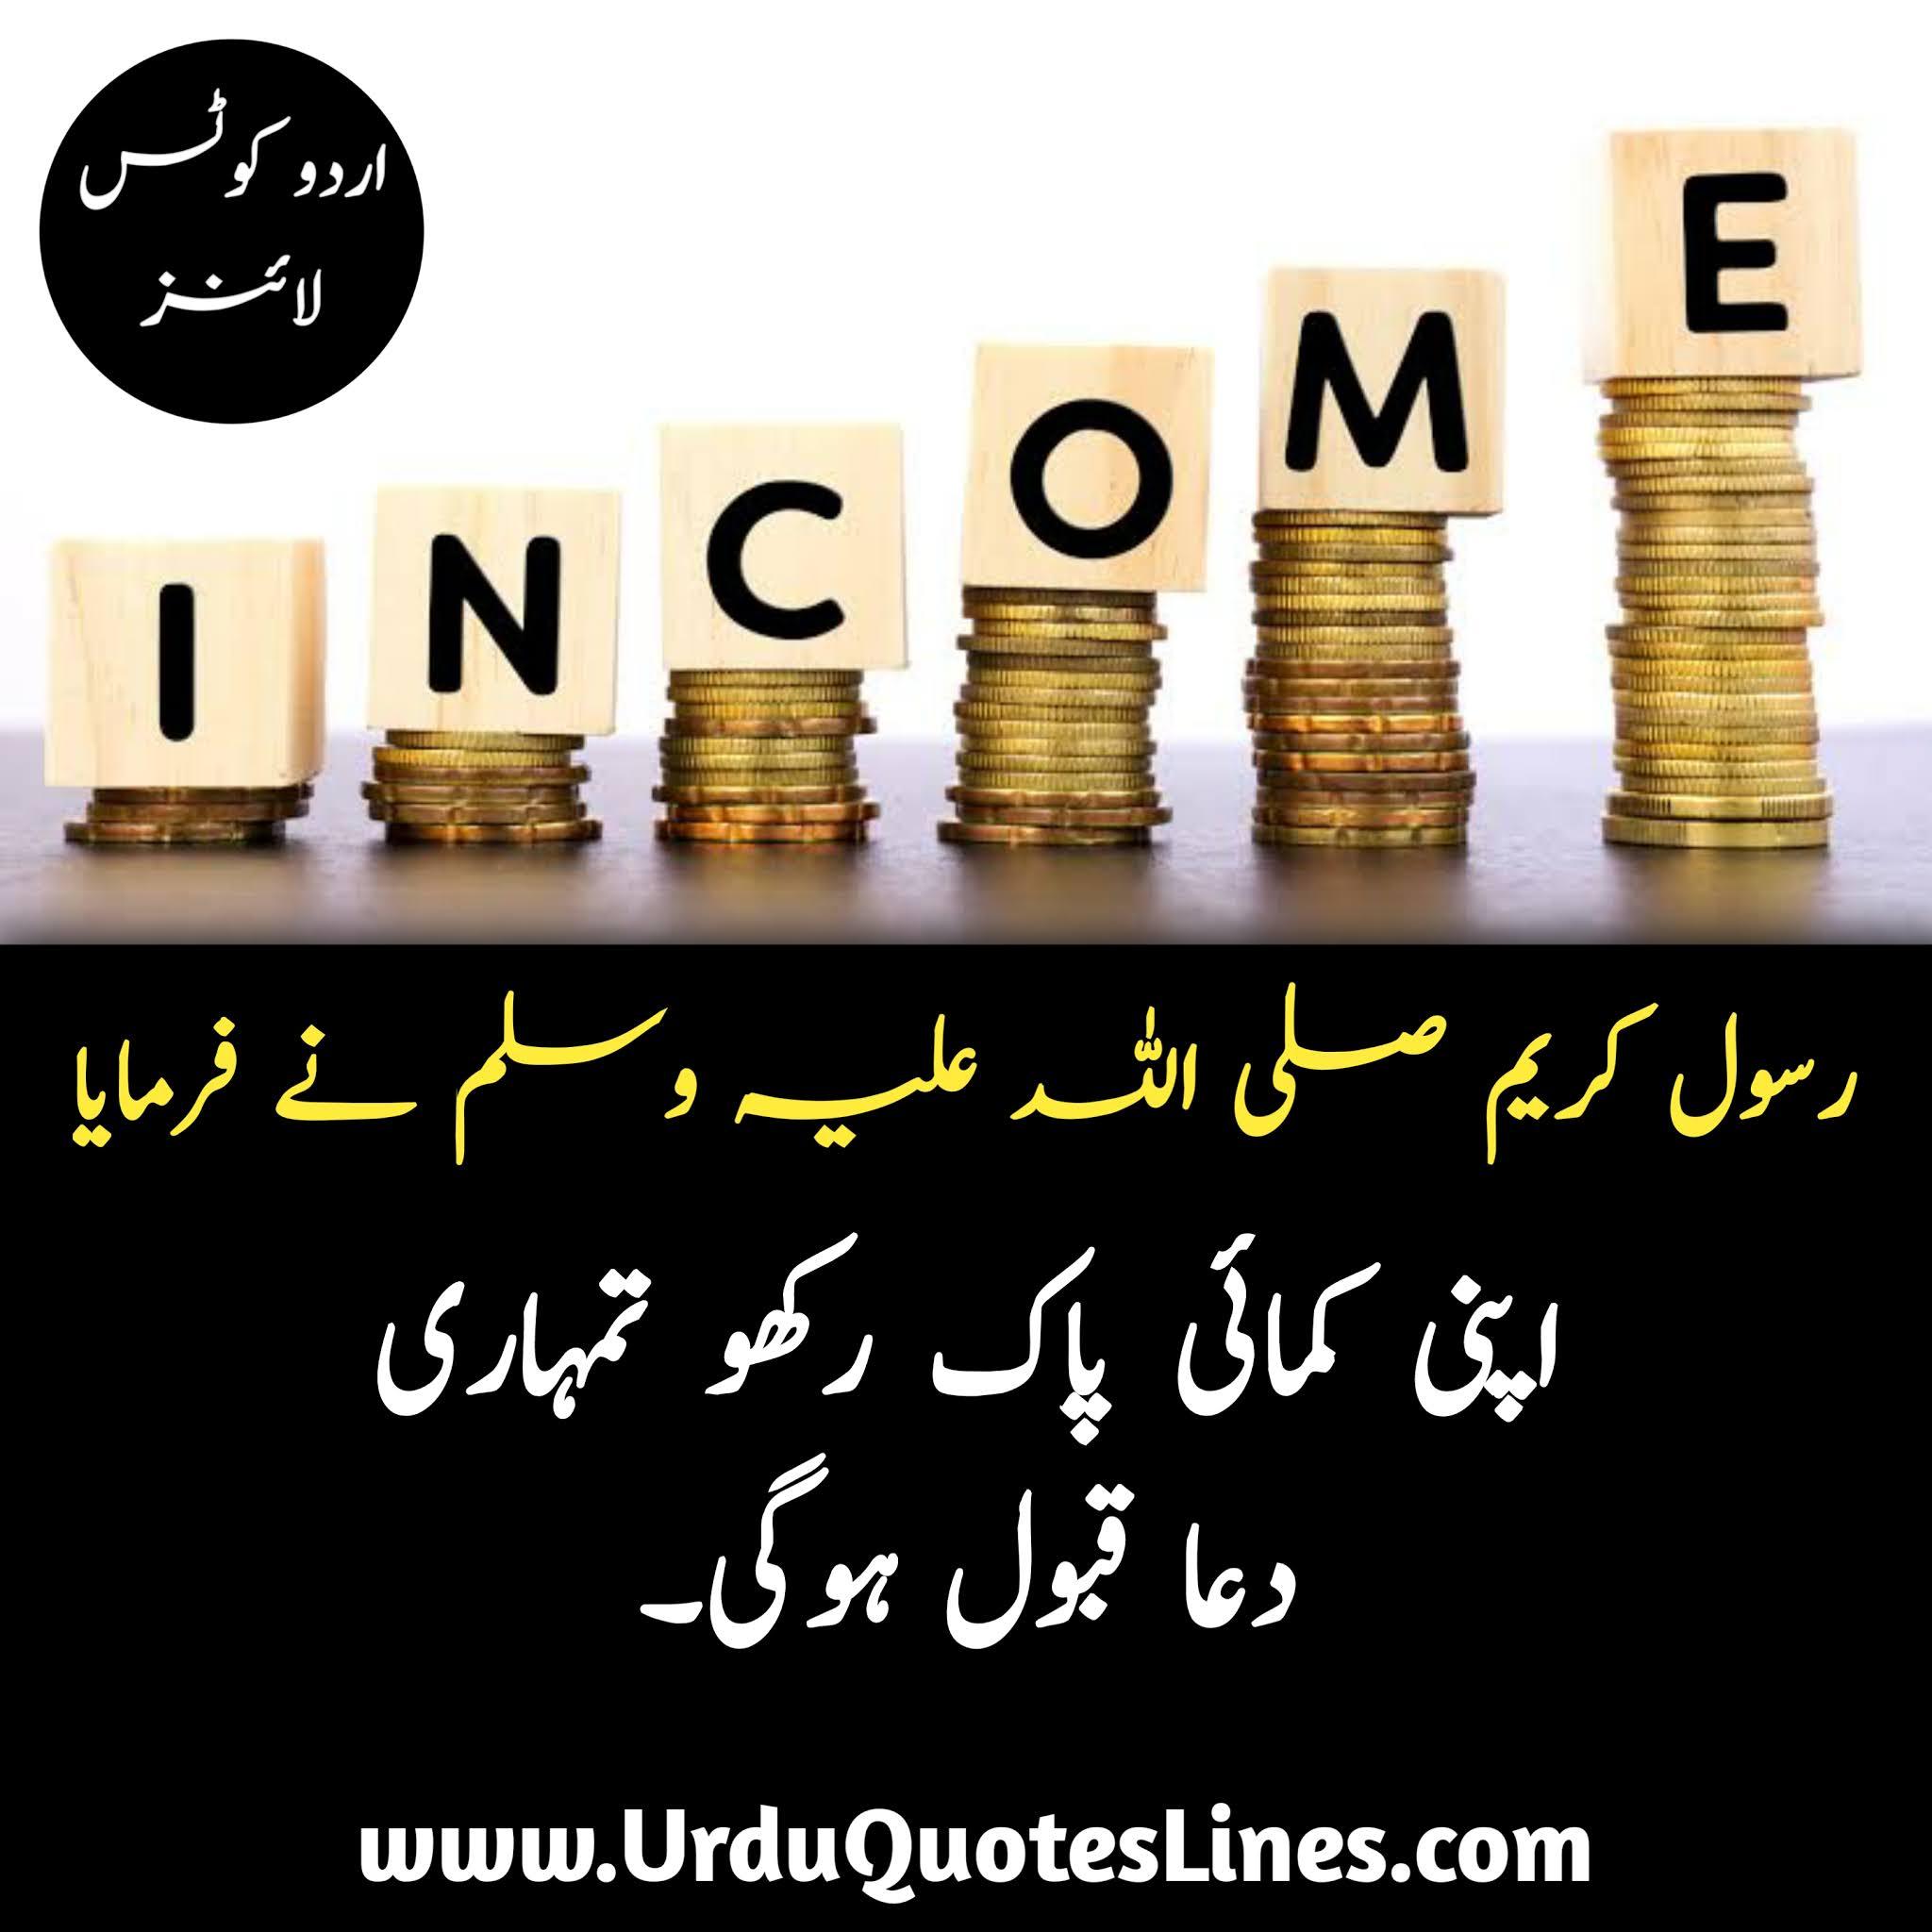 Prophet Muhammad Urdu Quotes Lines On Money